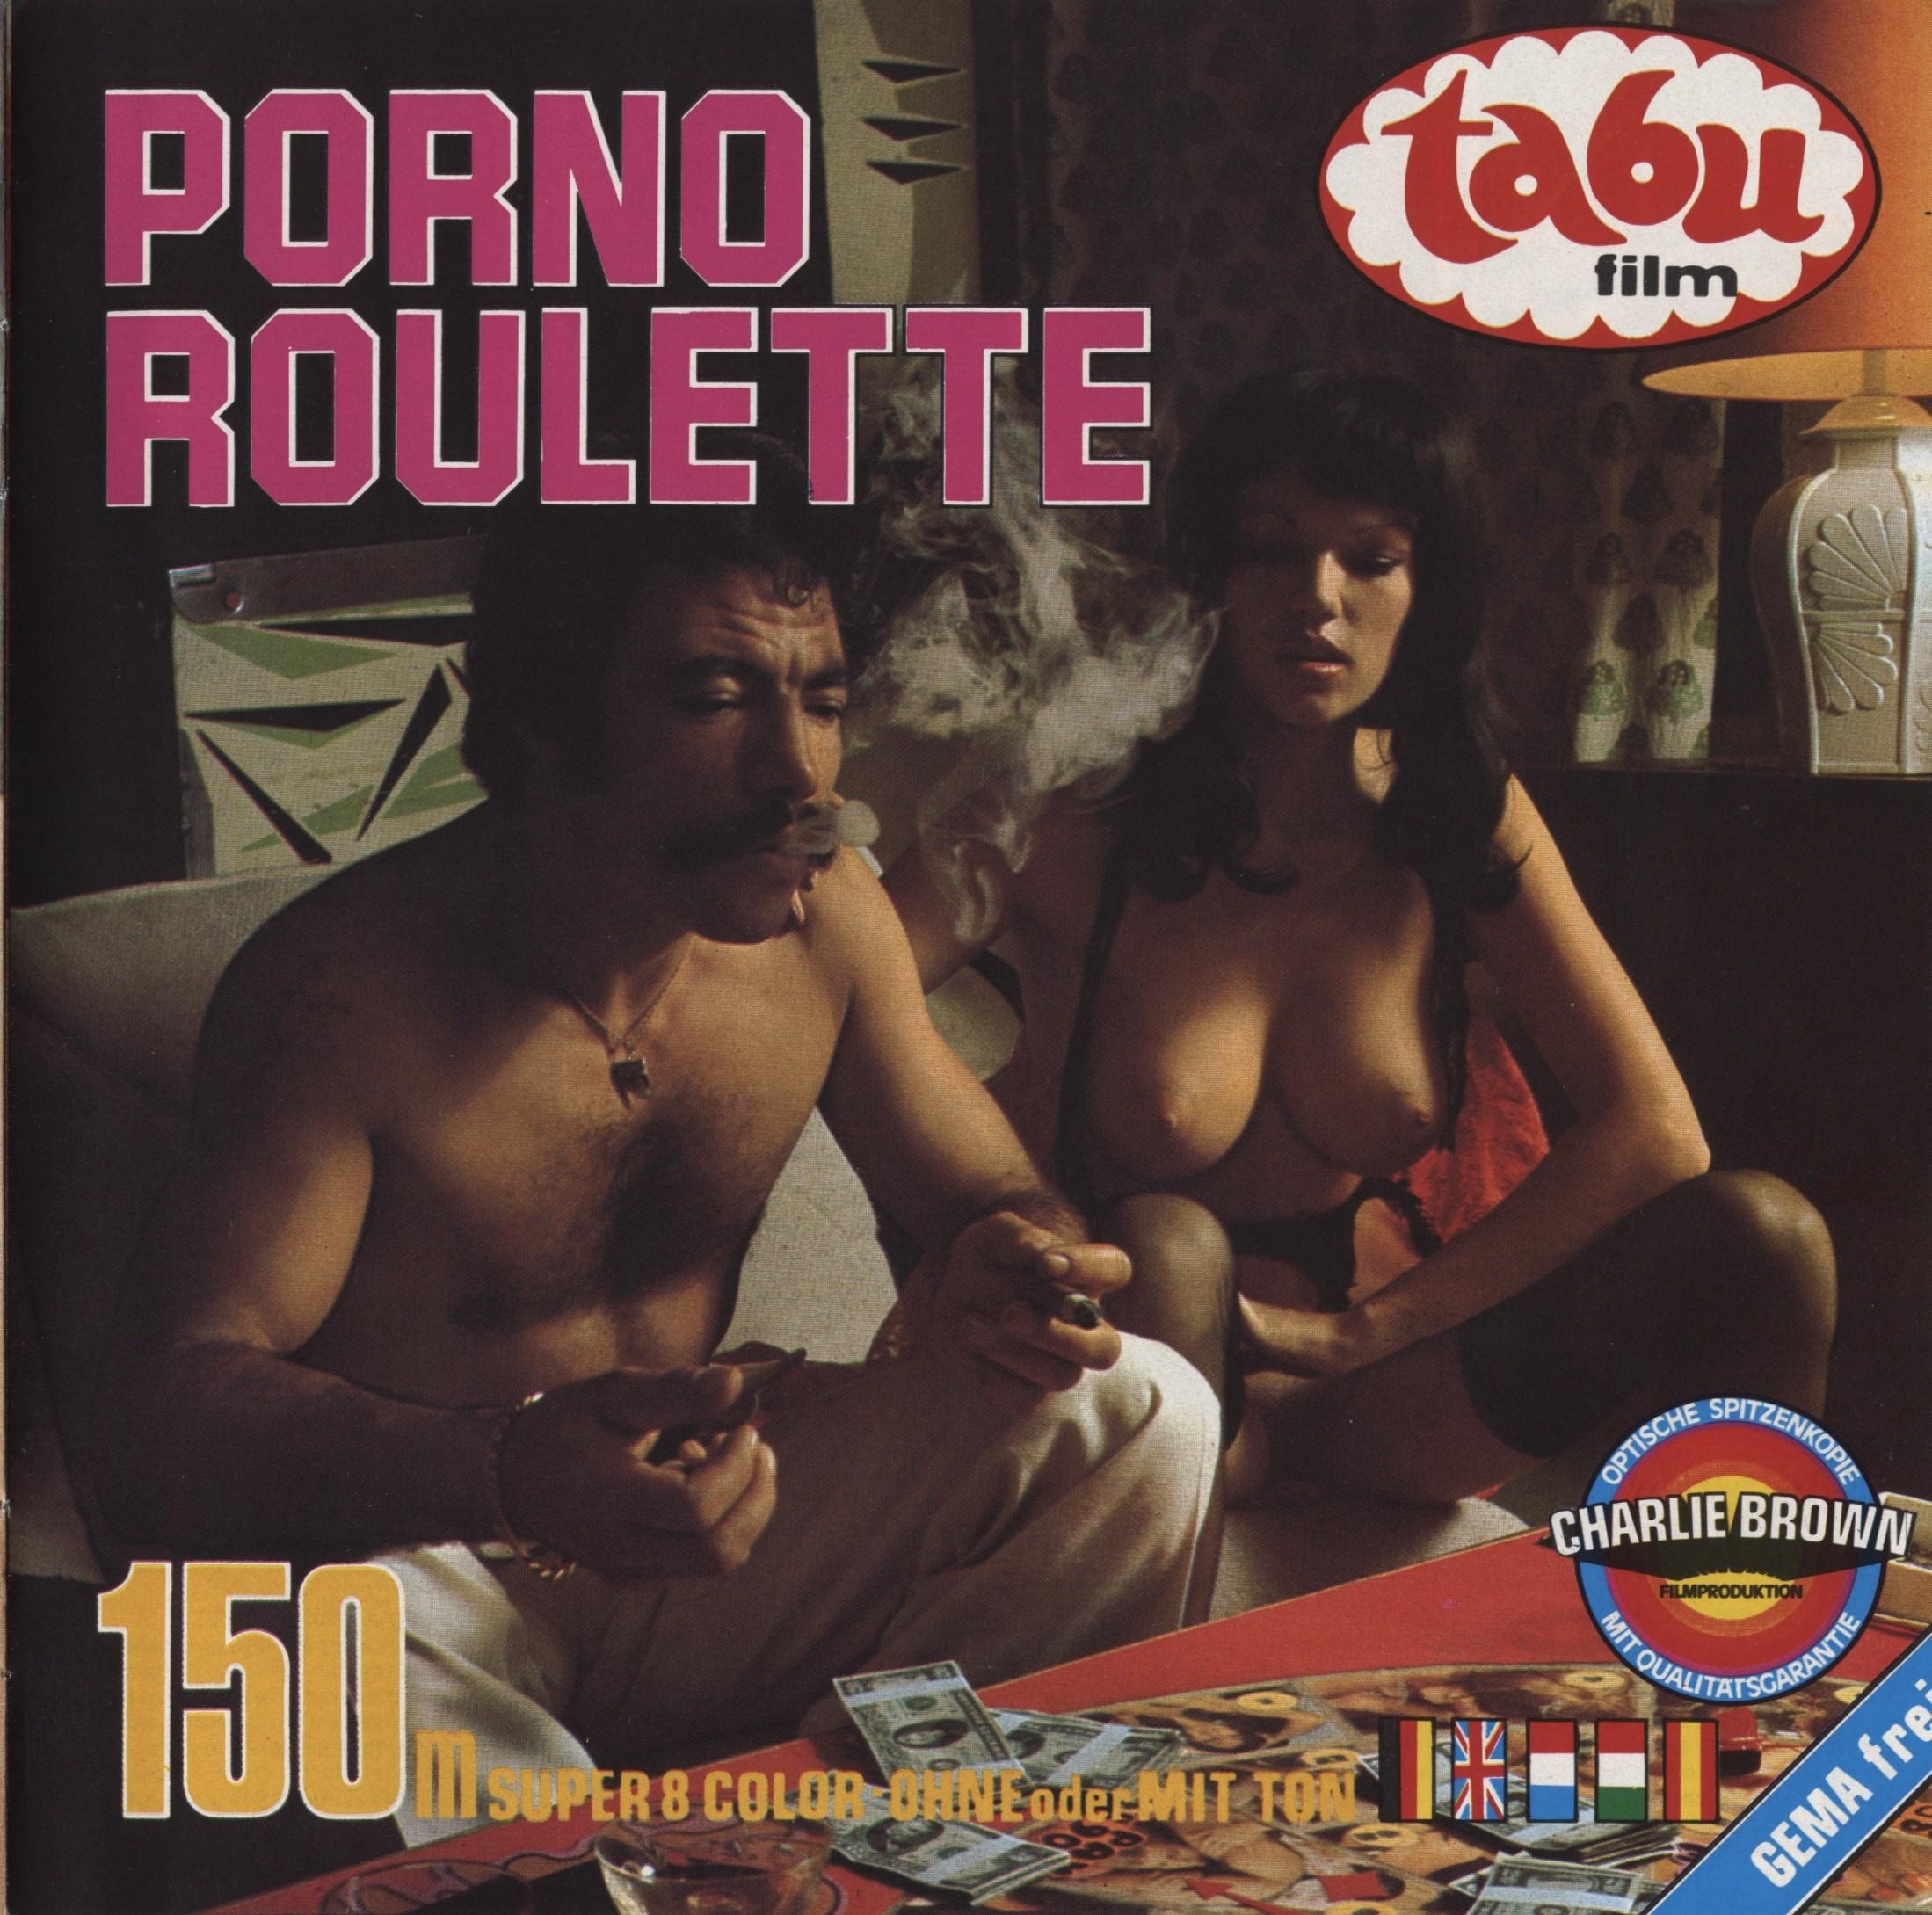 лучшая порно рулетка